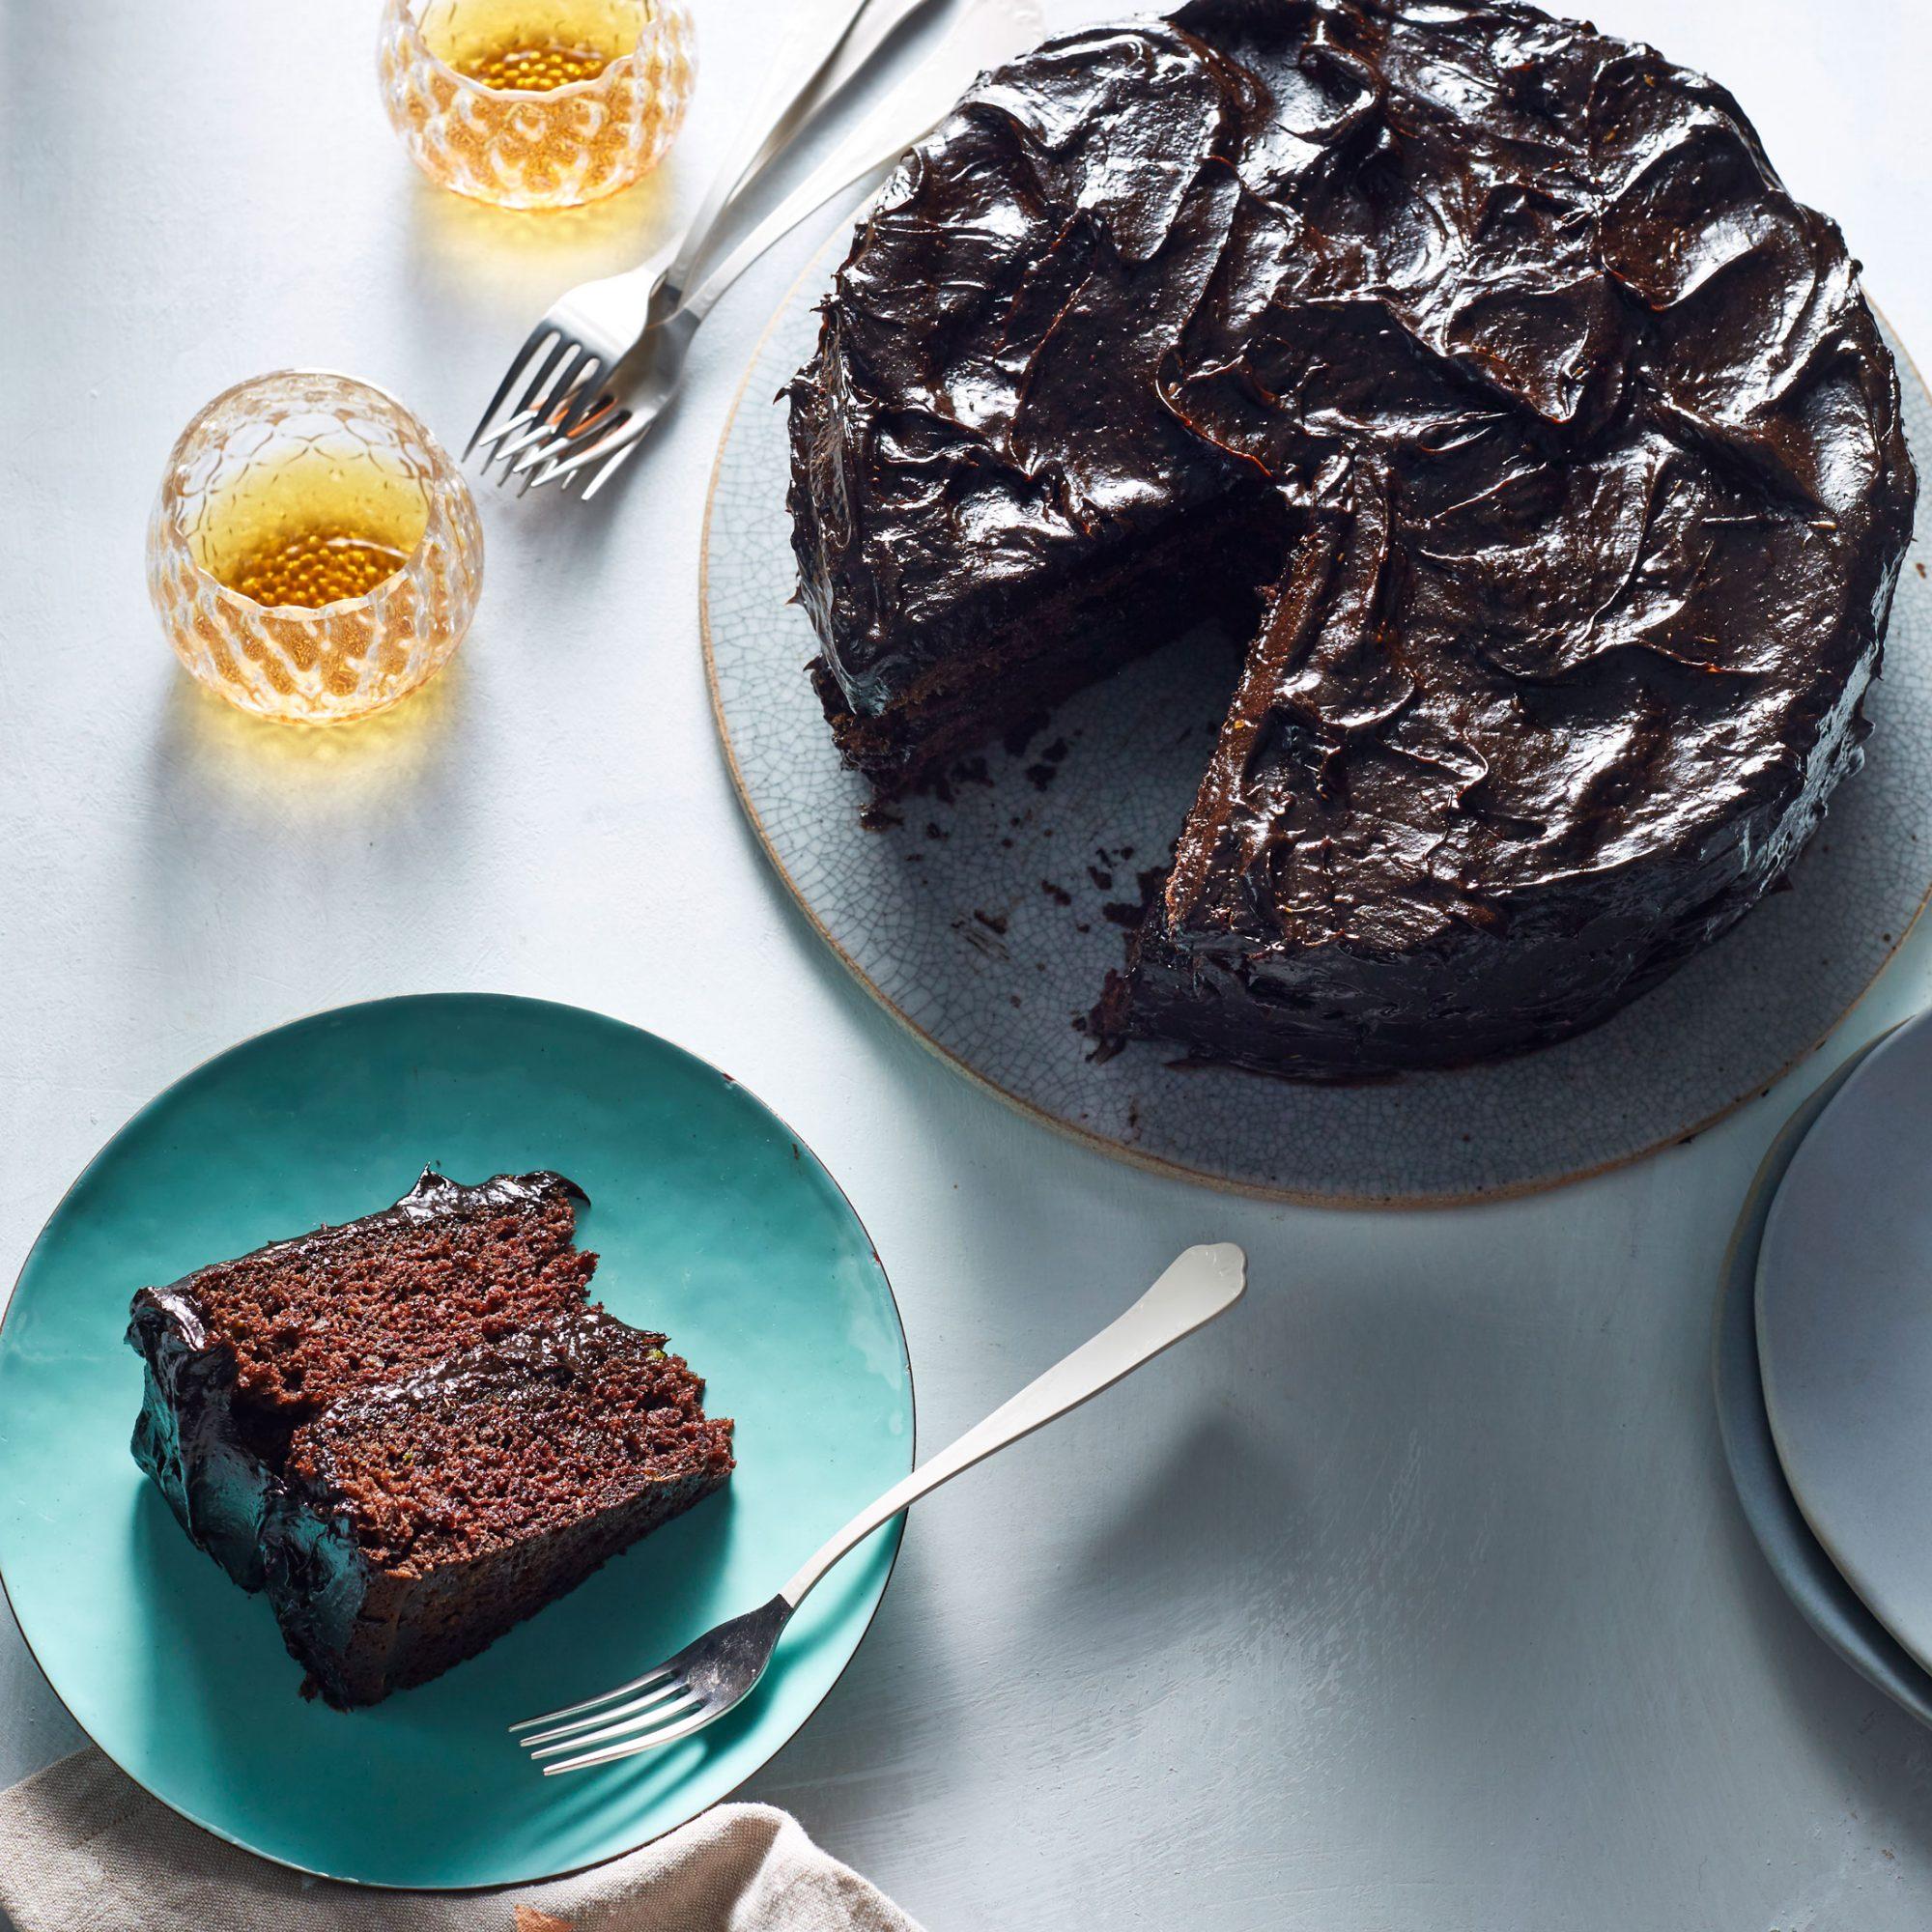 Dark Chocolate Avocado Cake with Chocolate Avocado Frosting image